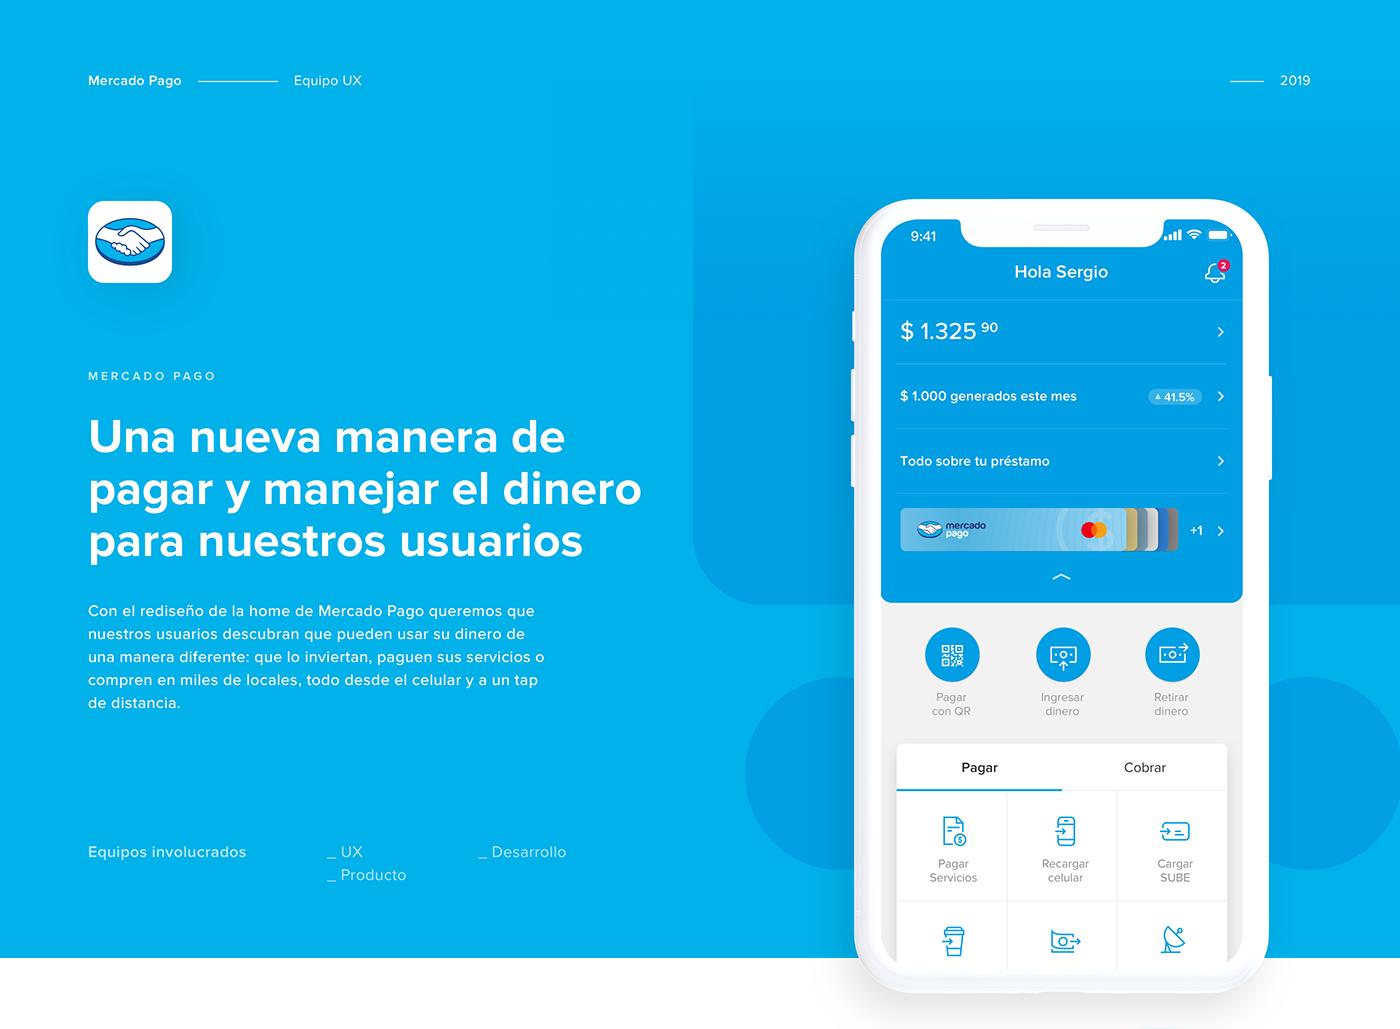 mercadopago Mercadolibre Fintech ux UI Usability graphic design  home app